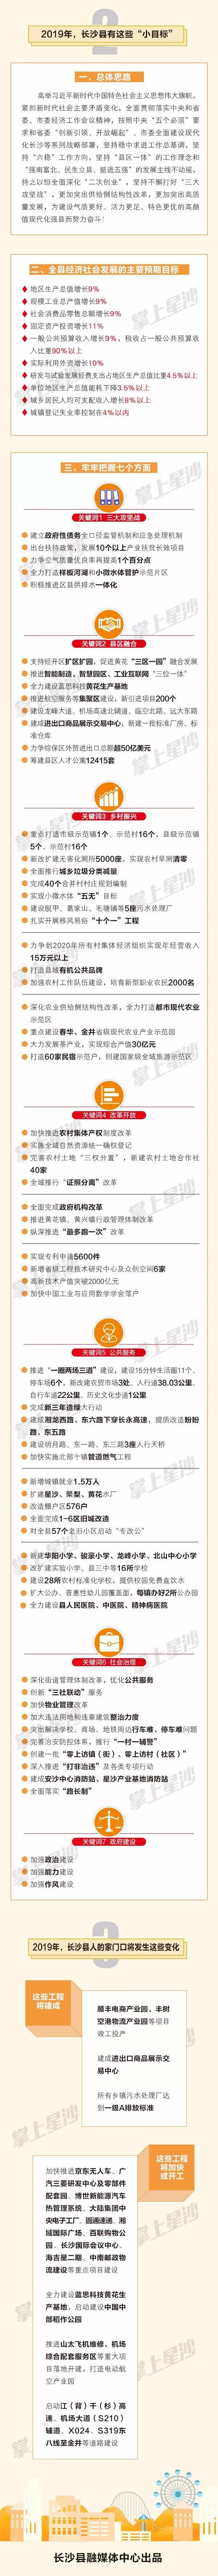 2019年长沙县政府报道图解